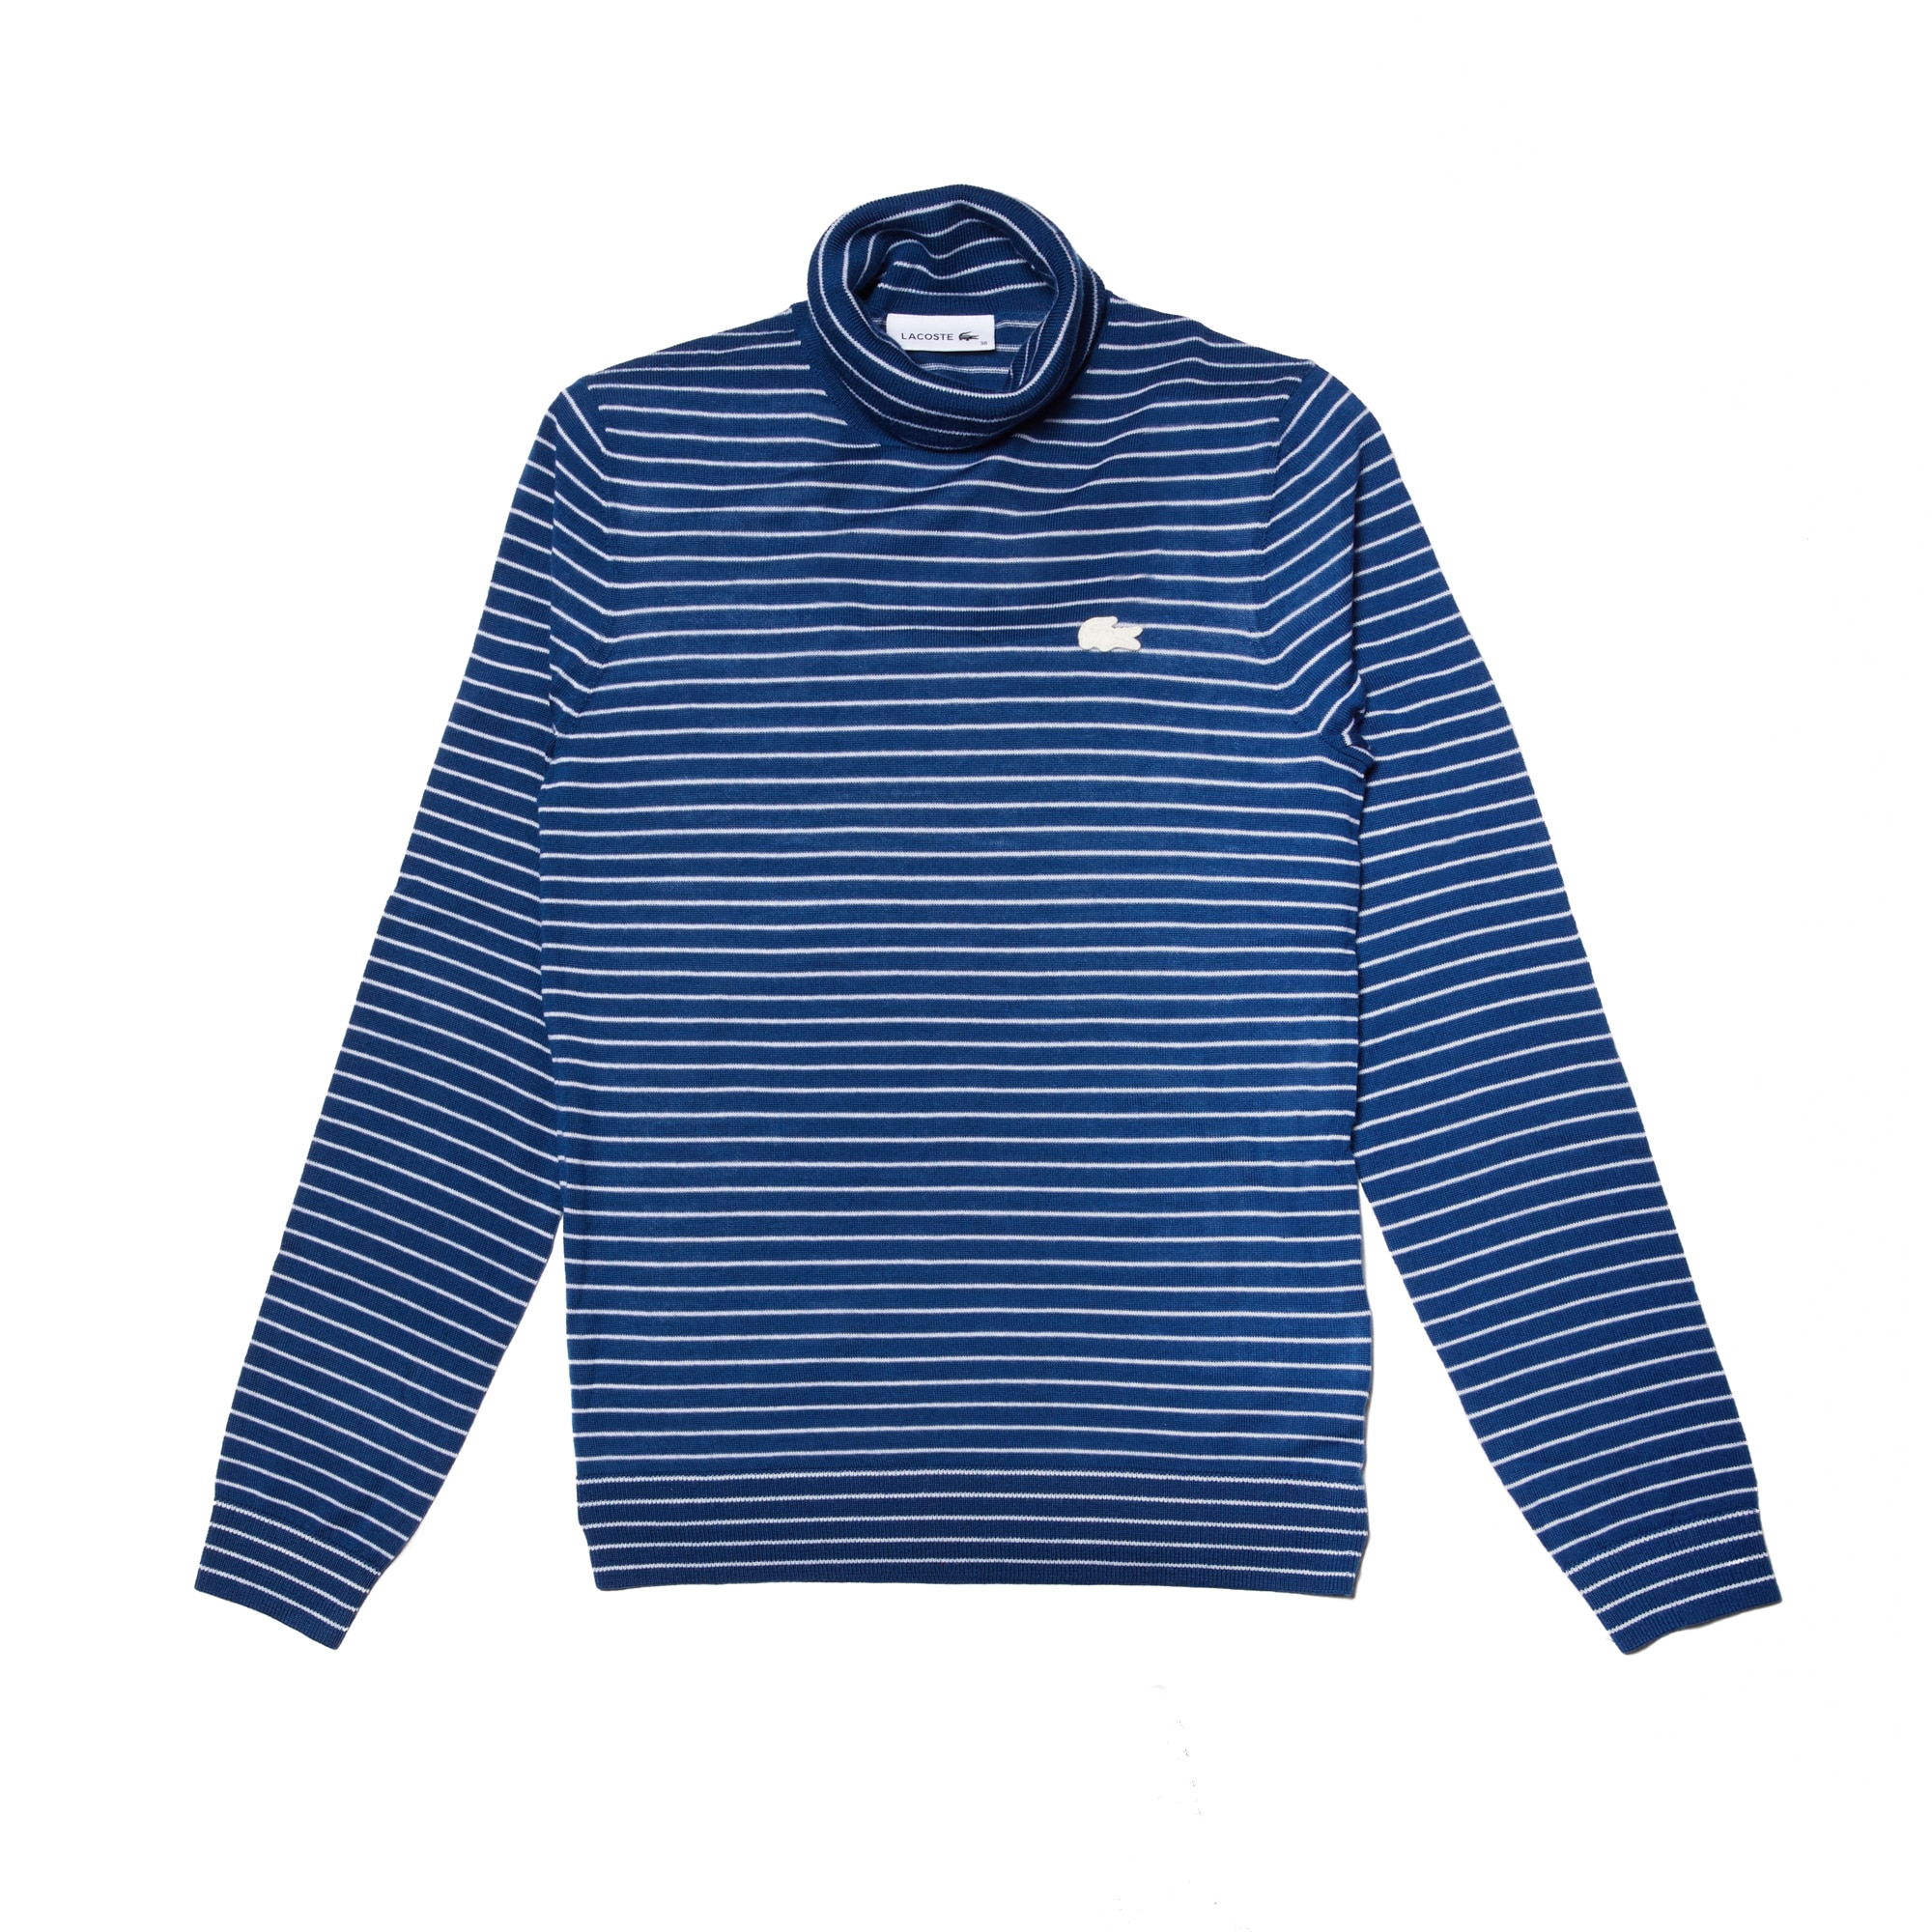 Women's Turtleneck Striped Wool Jersey Sweater